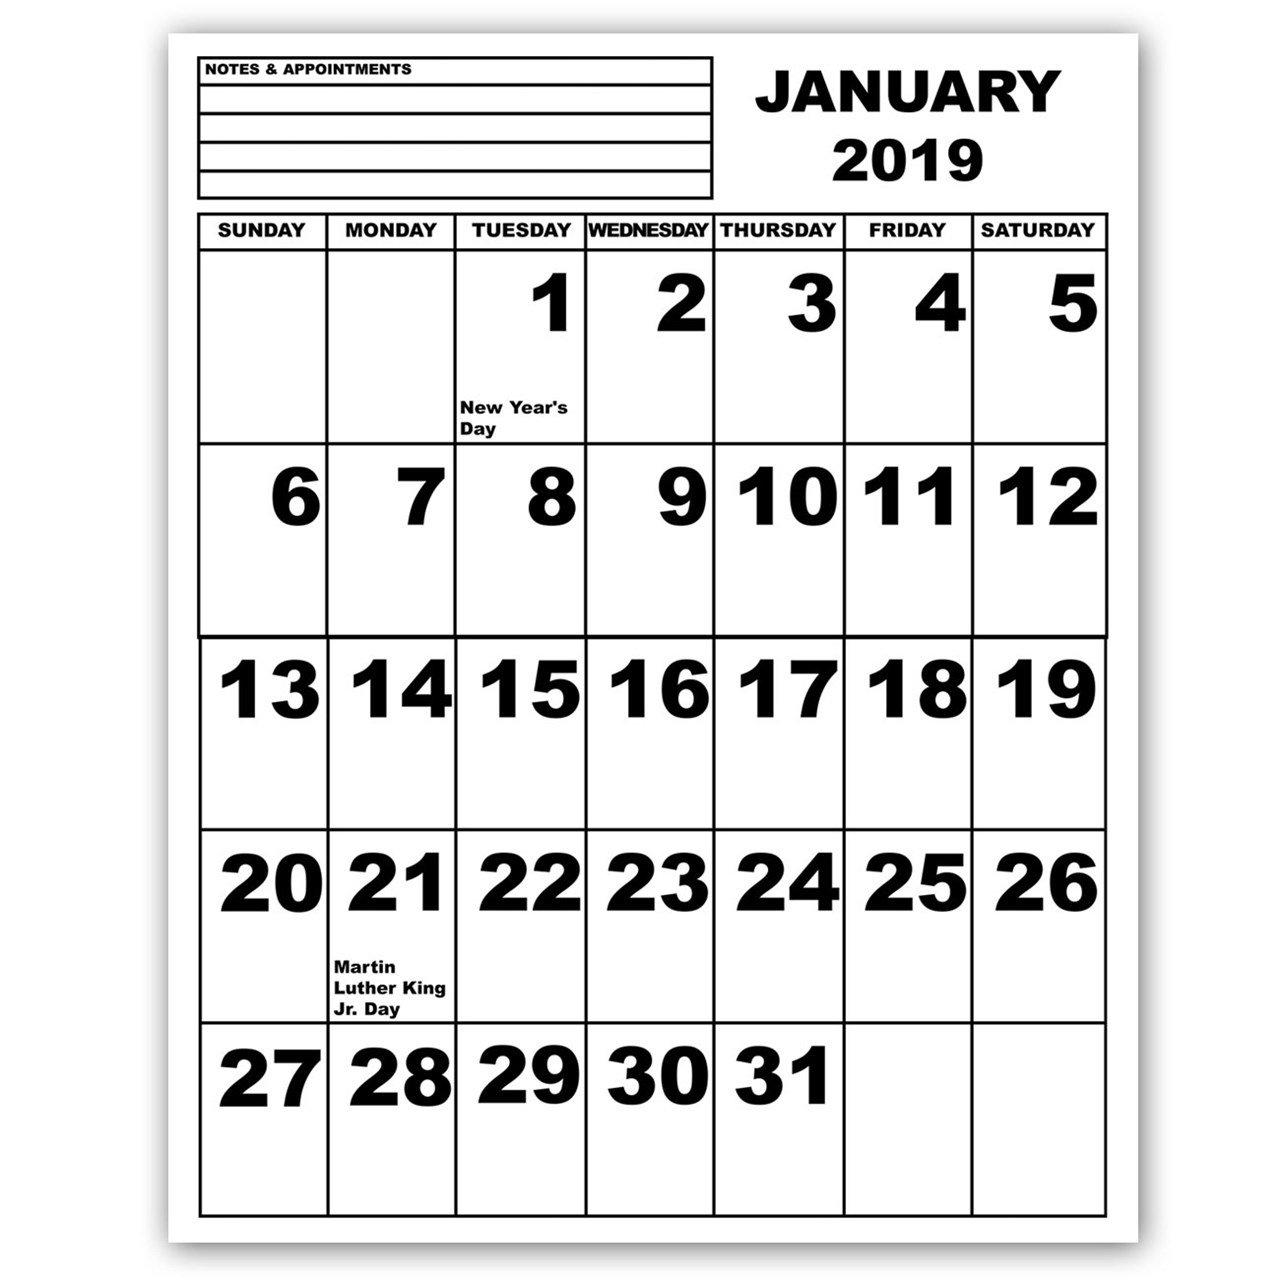 Maxiaids | Jumbo Print Calendar – 2019 Calendar 2019 Large